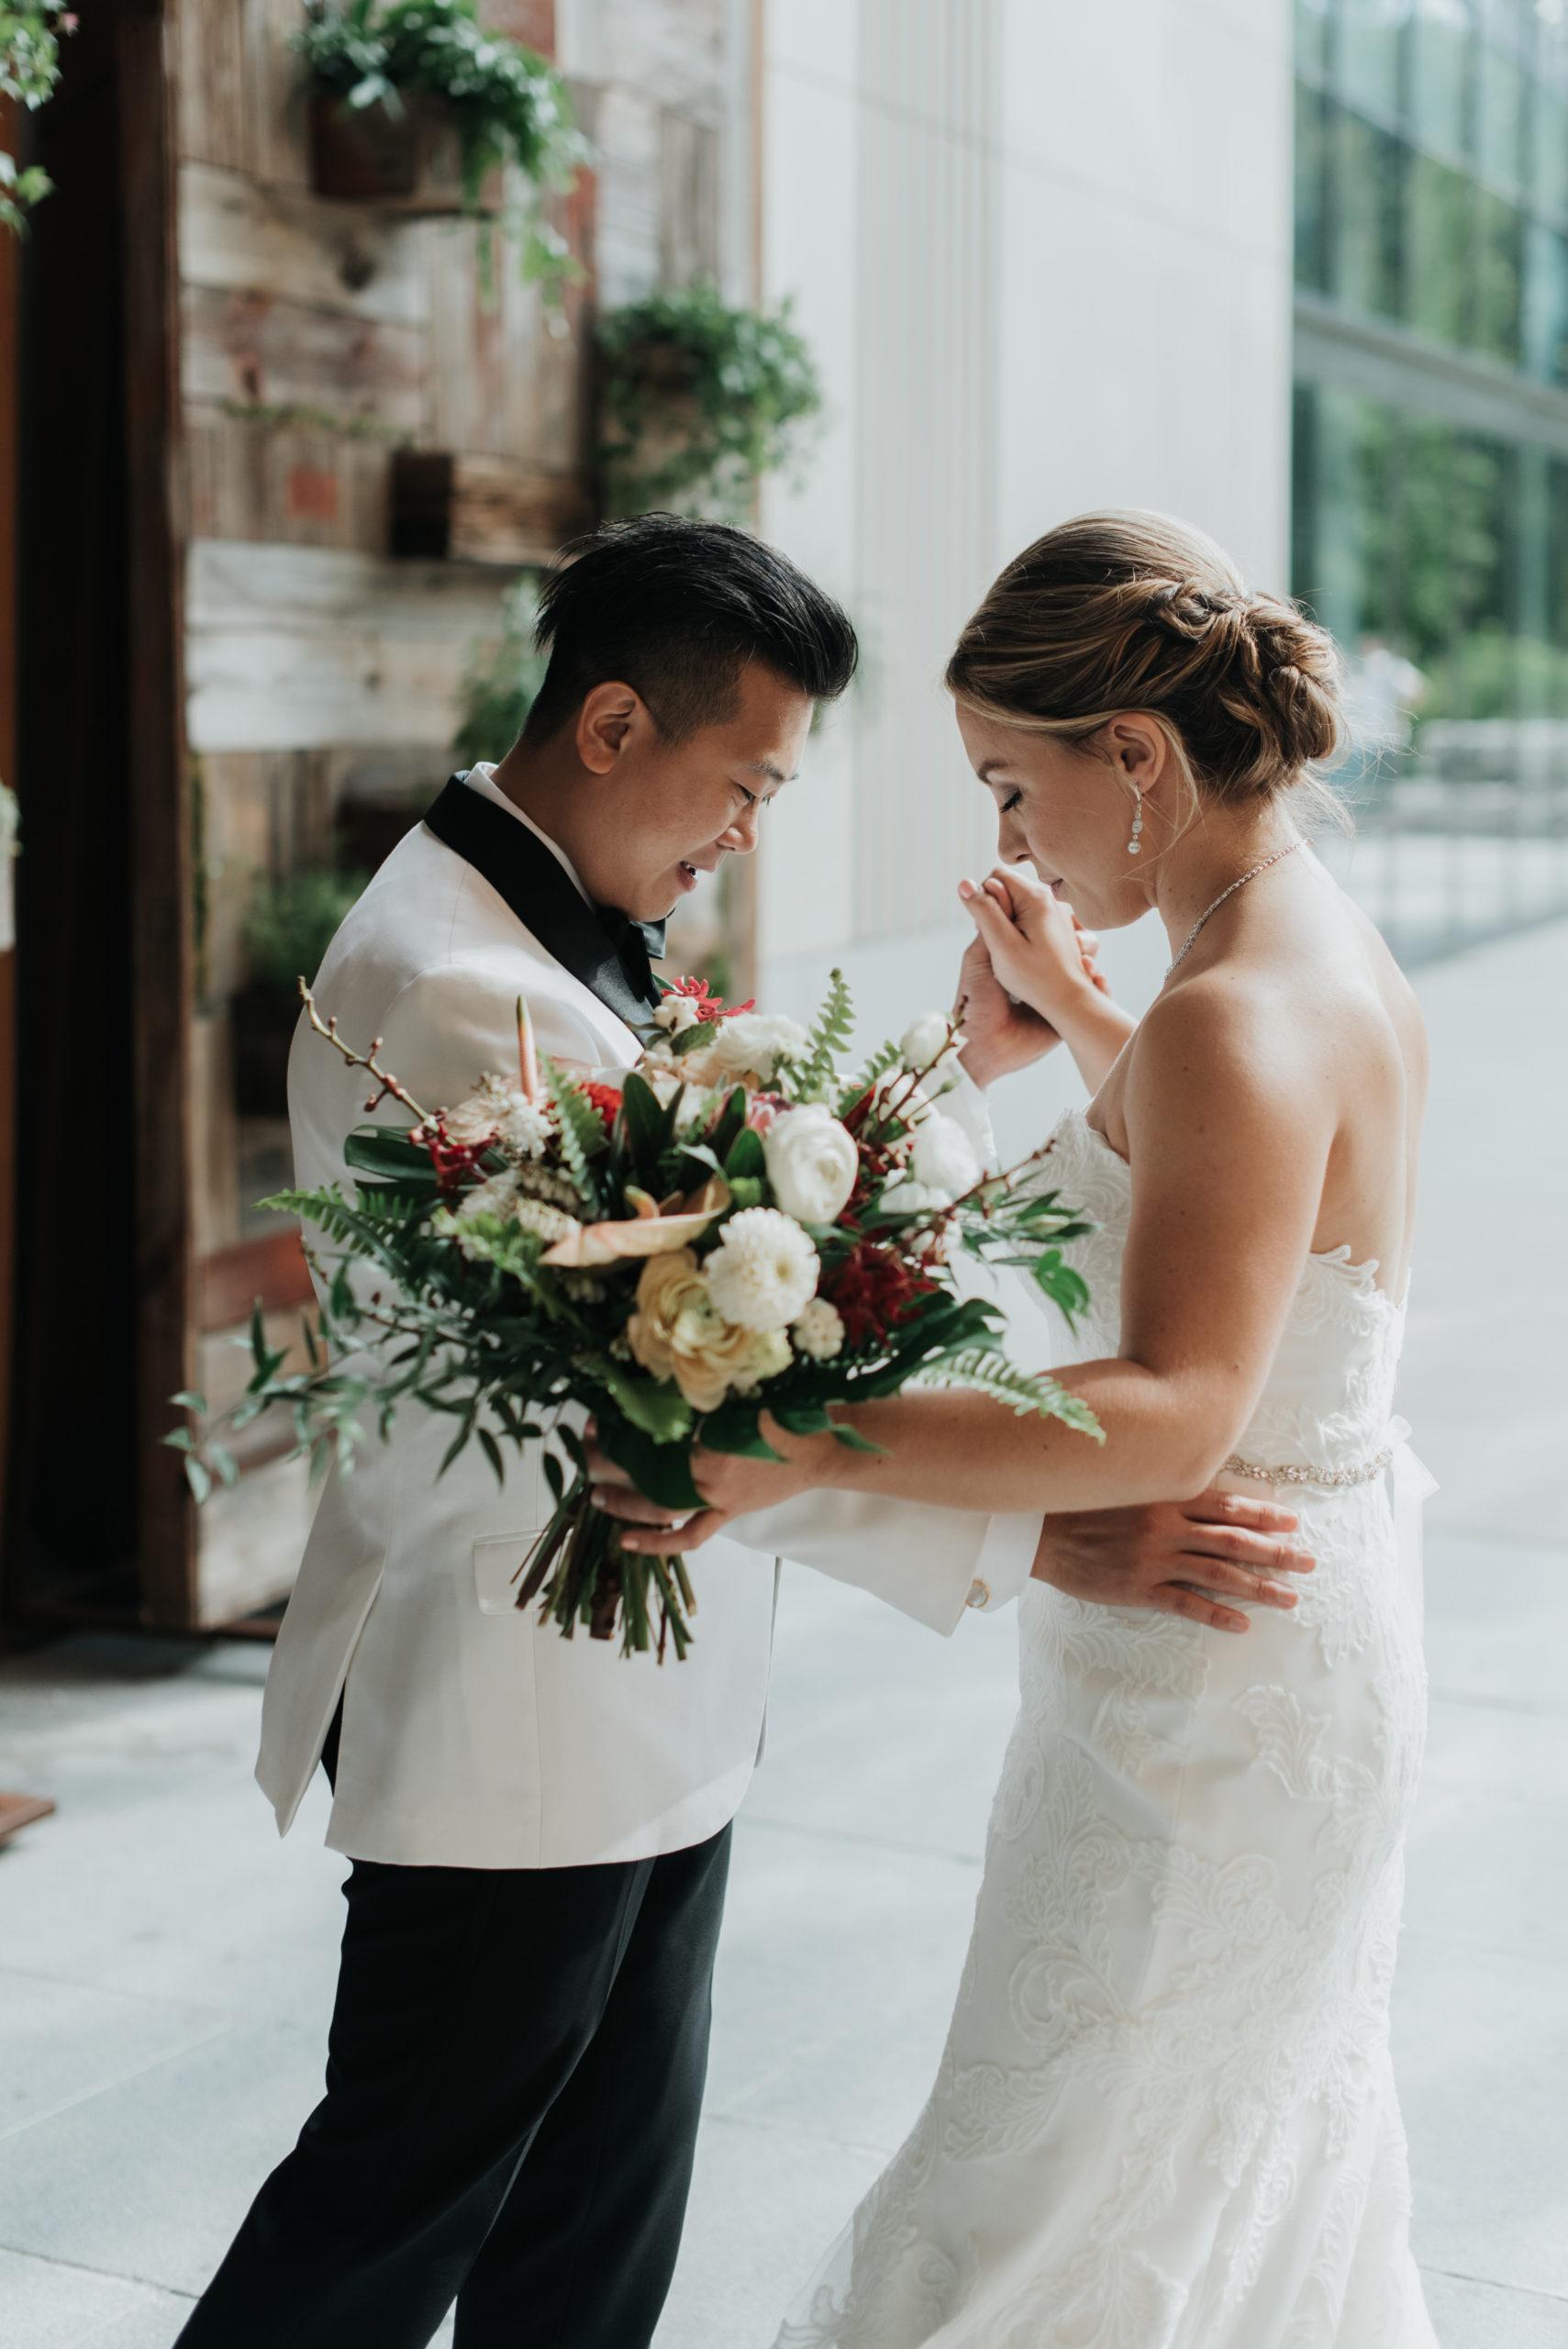 Stylish Tropical-Inspired Wedding in Brooklyn 6